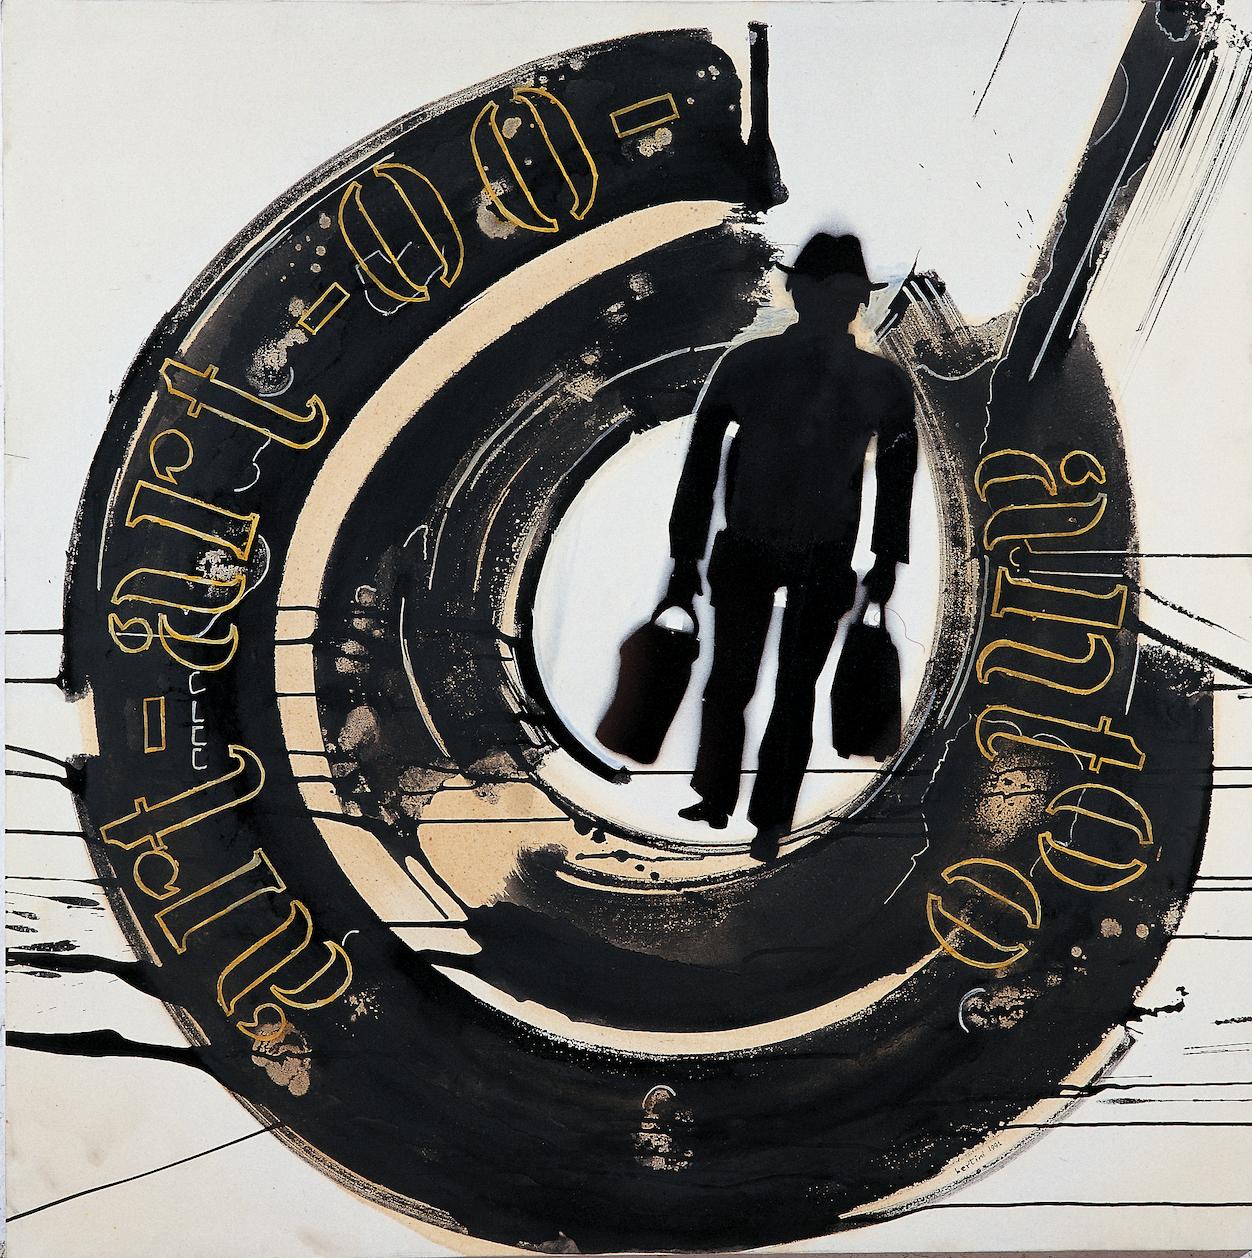 Senza Titolo (serie Artaud), 1991